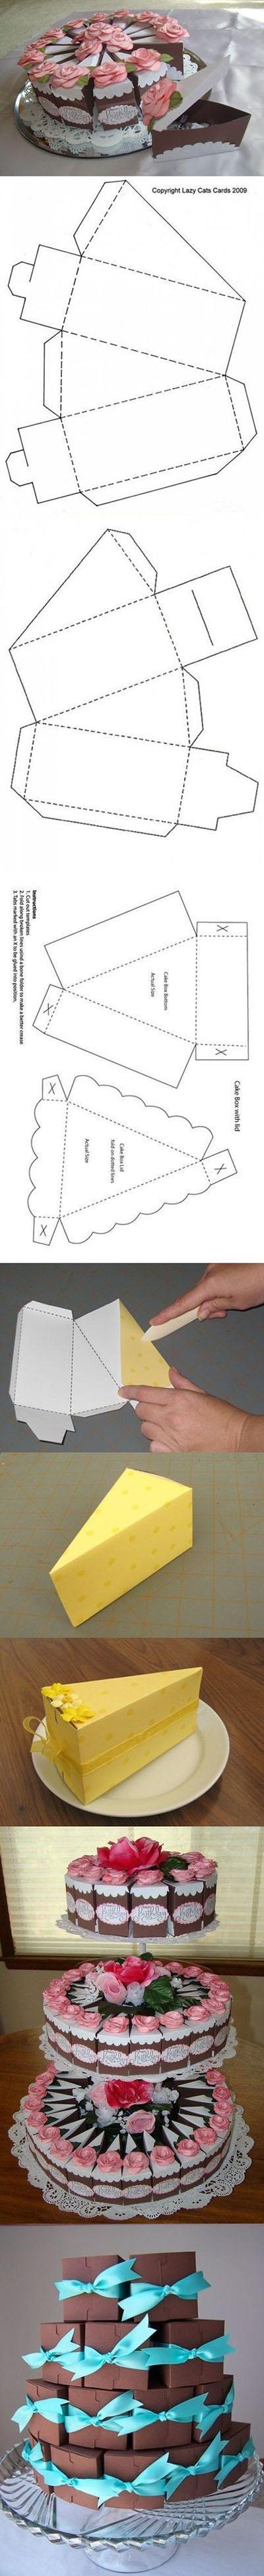 10 DIY Cake Gift Box 840698